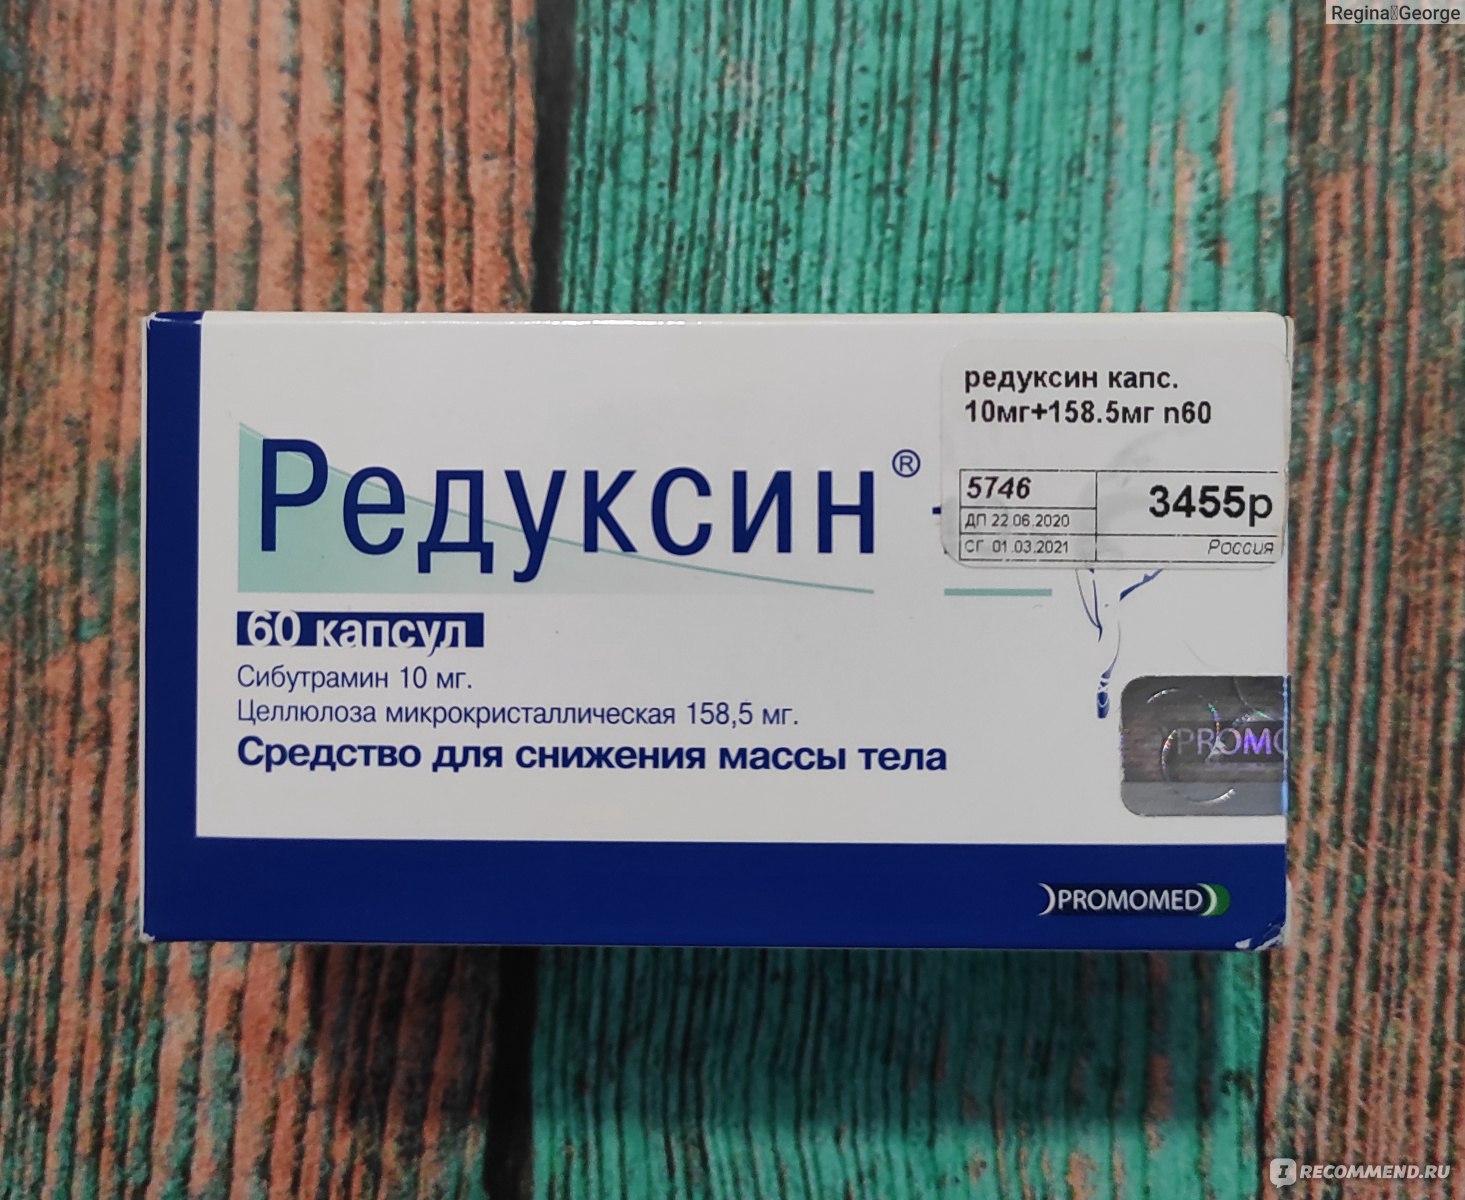 продадут ли таблетки для похудения подростку